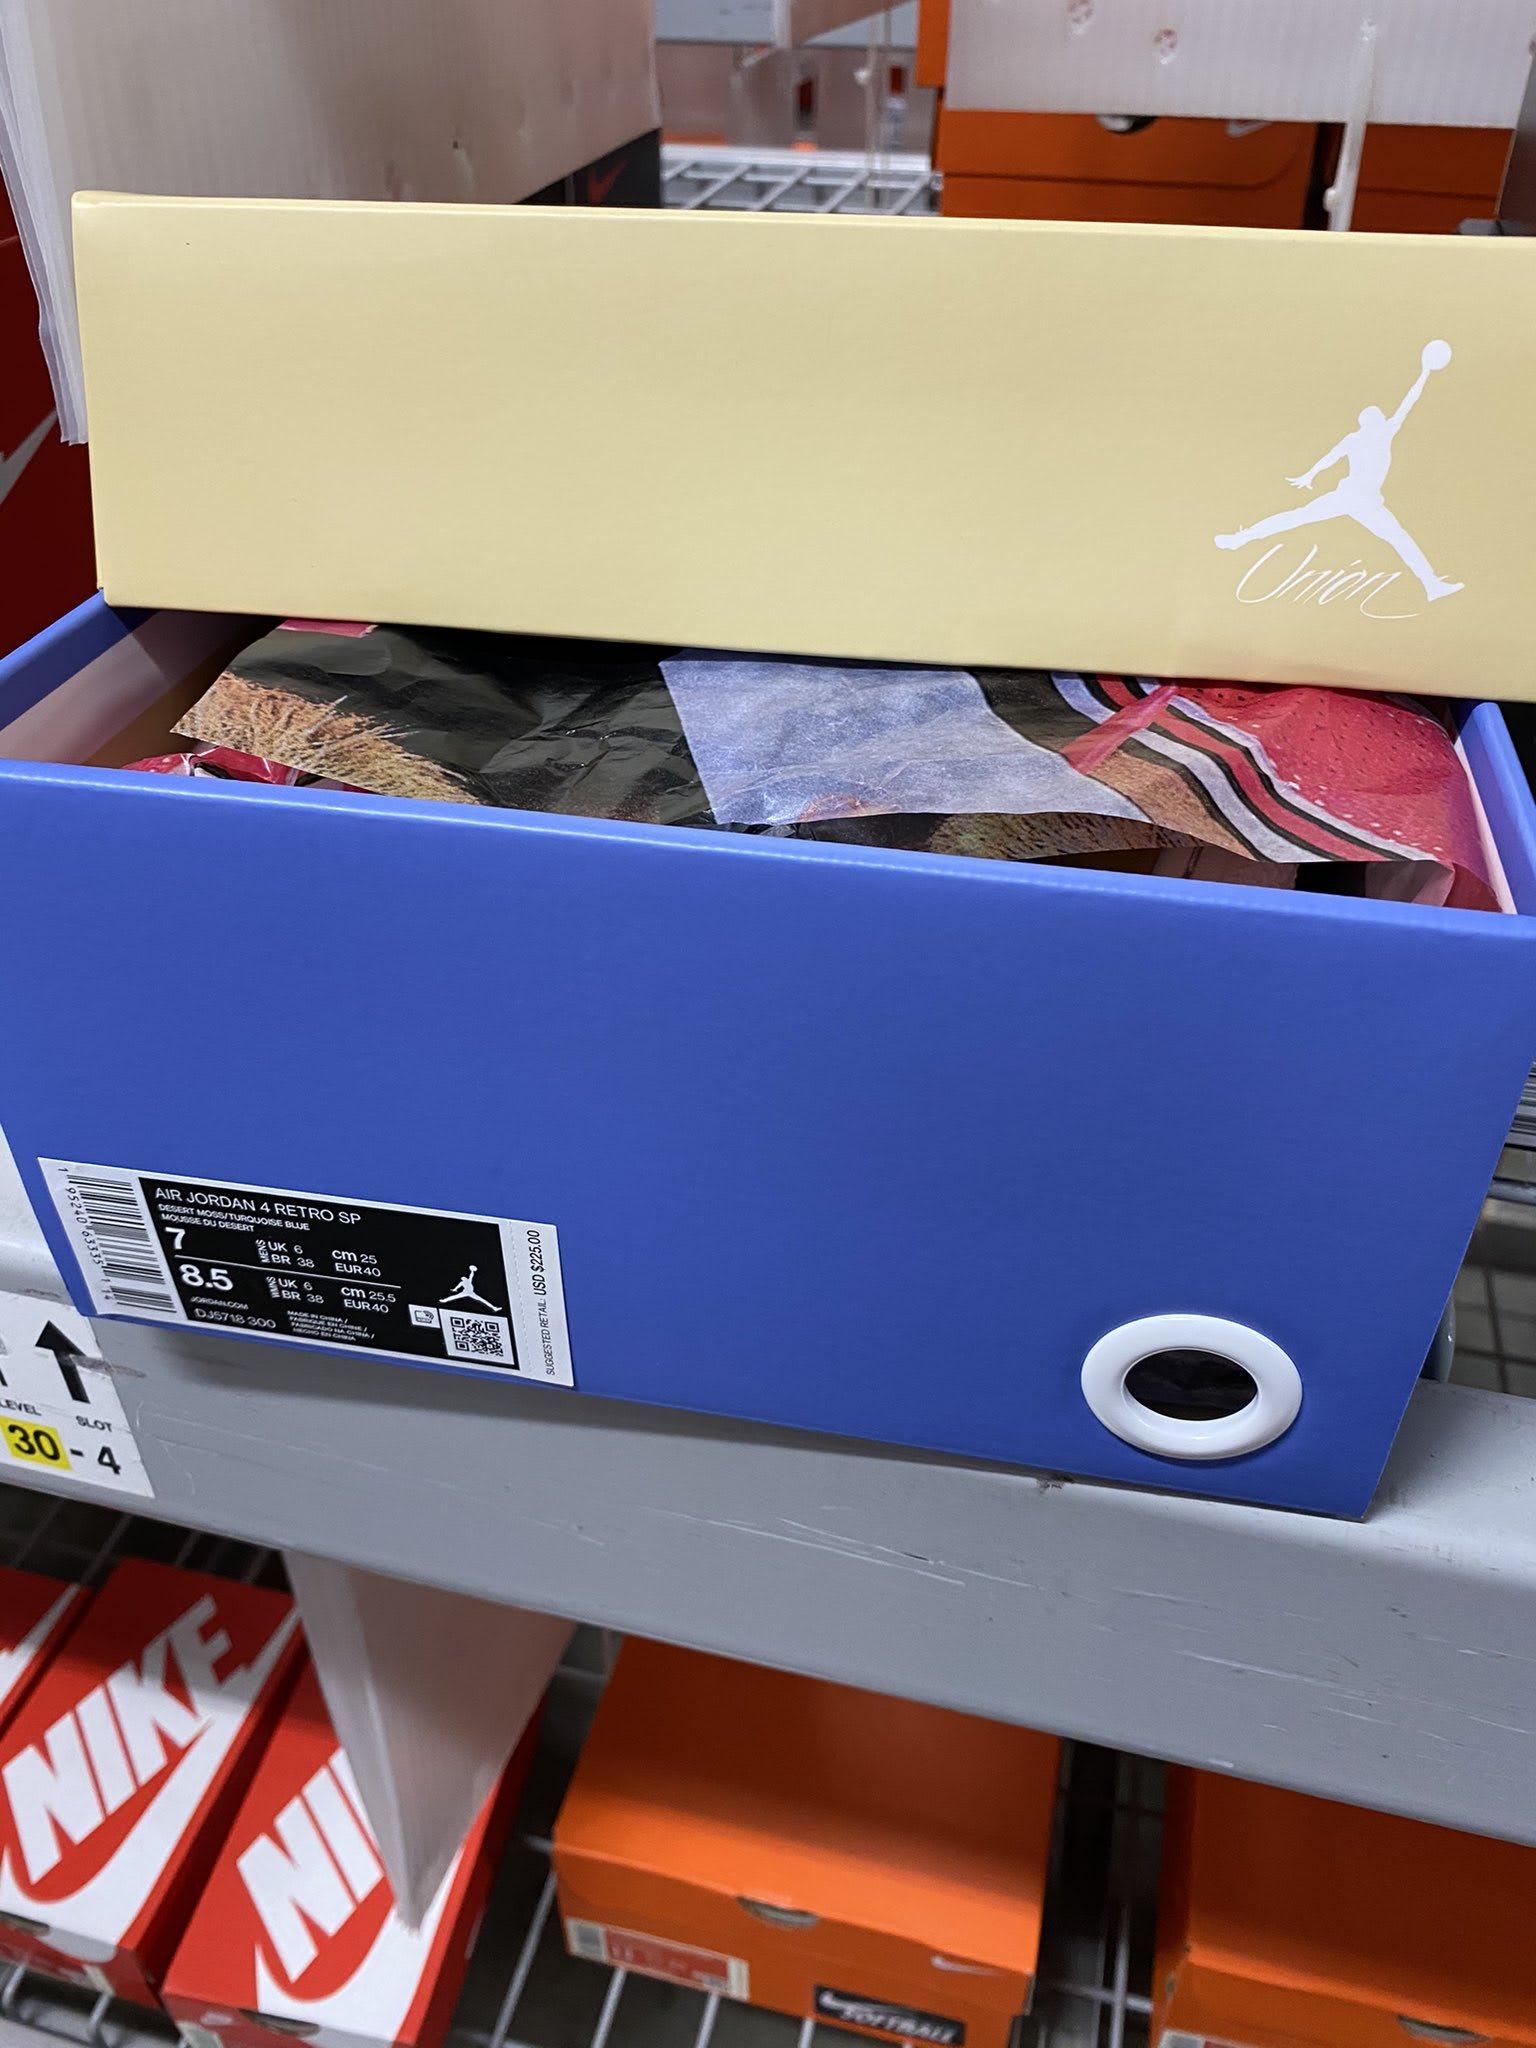 Union x Air Jordan 4 Desert Moss Release Date DJ5718-300 Box